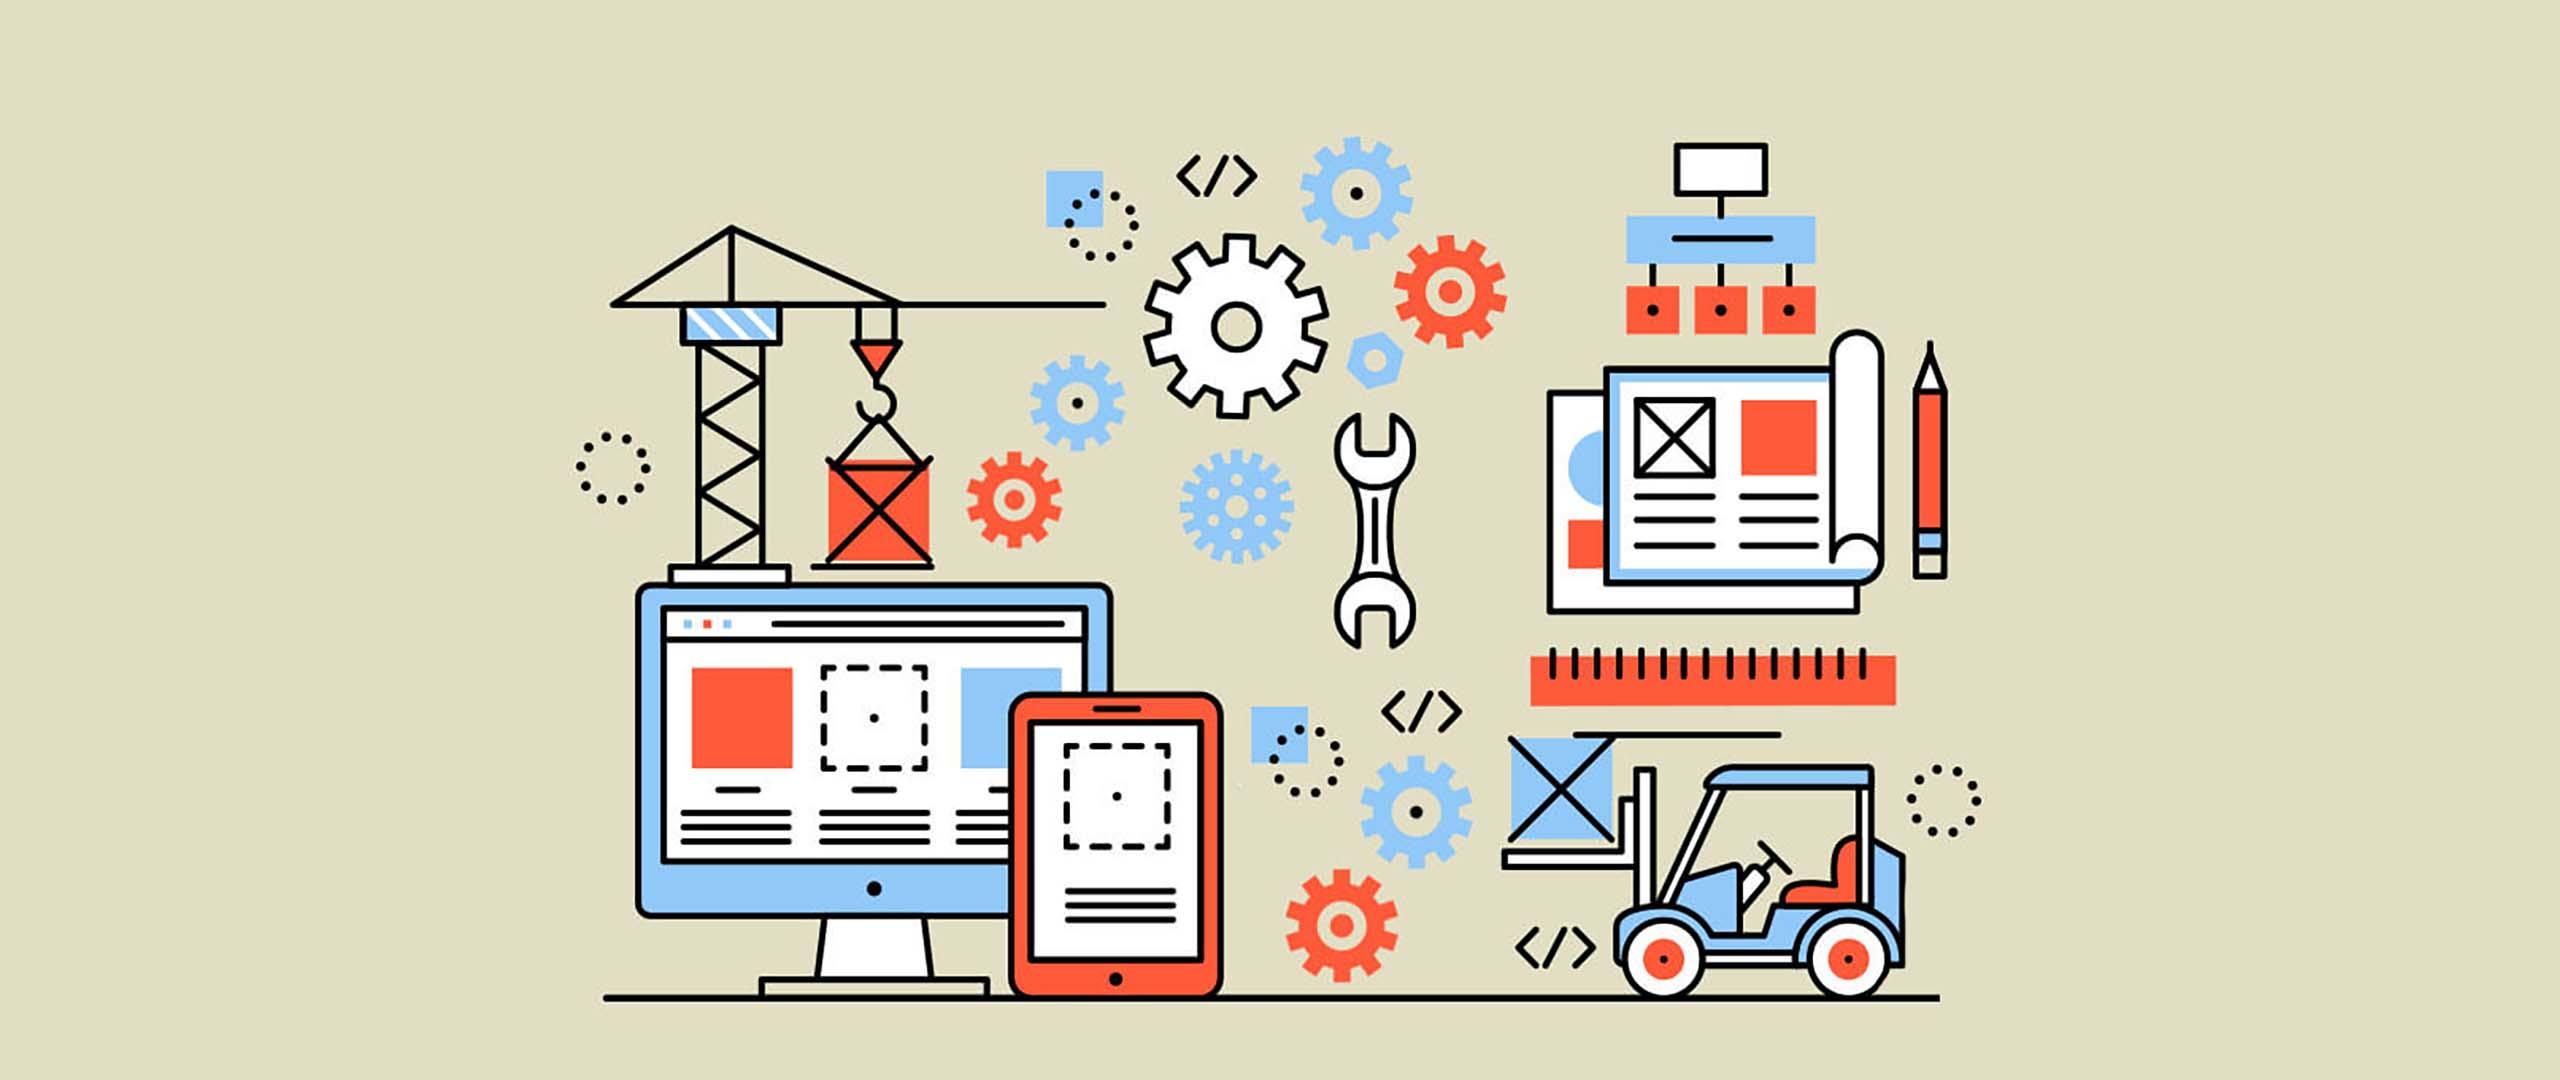 Web Design & Development in San Diego